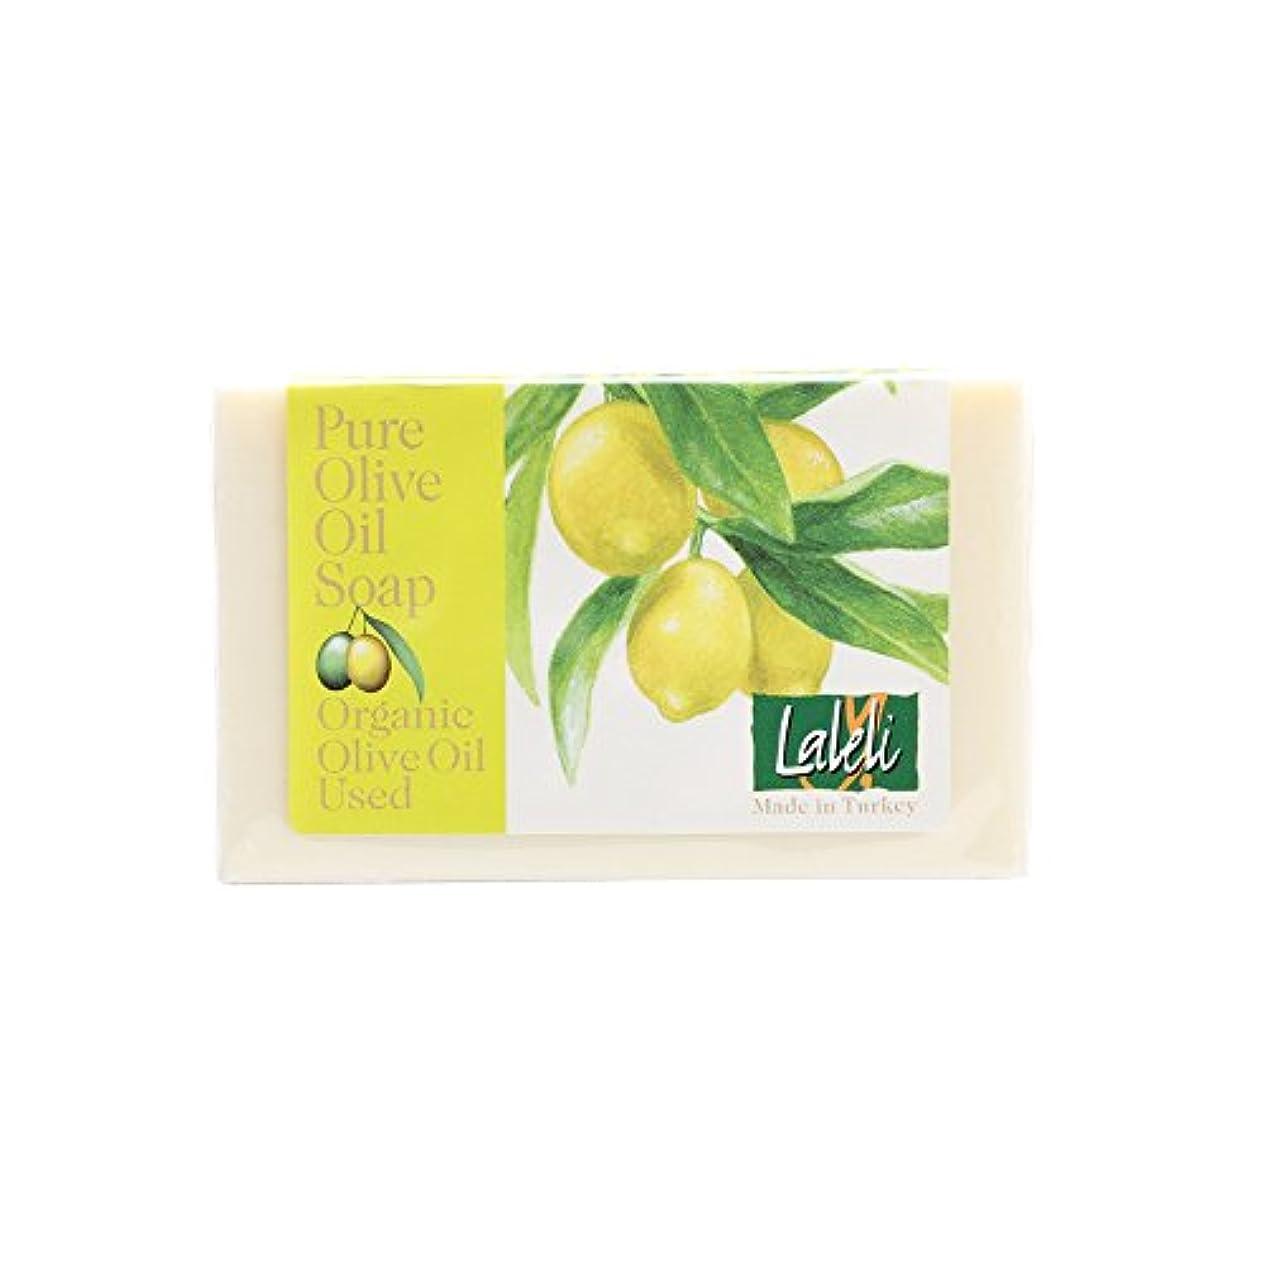 枕キルト時間とともにラーレリ オーガニックオリーブオイルソープ レモン 120g